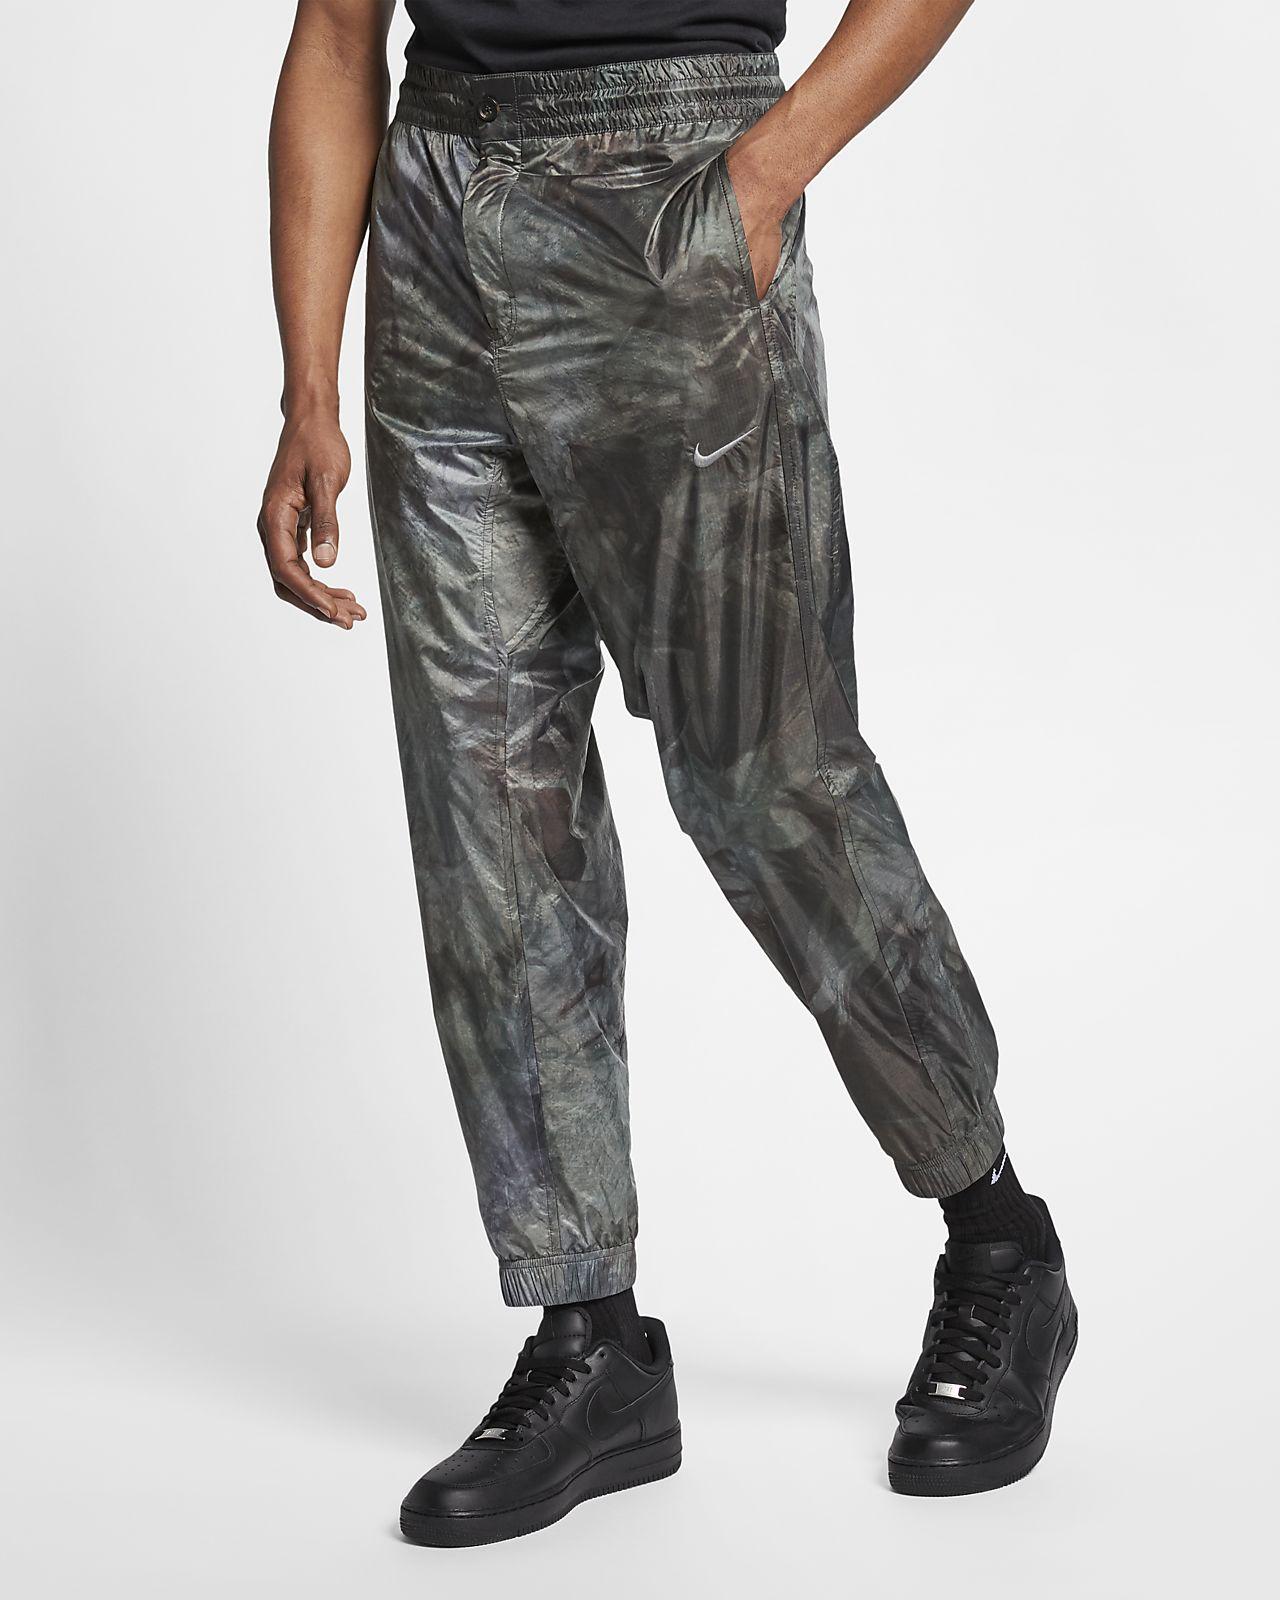 NikeLab Made in Italy Collection Pantalón deportivo - Hombre